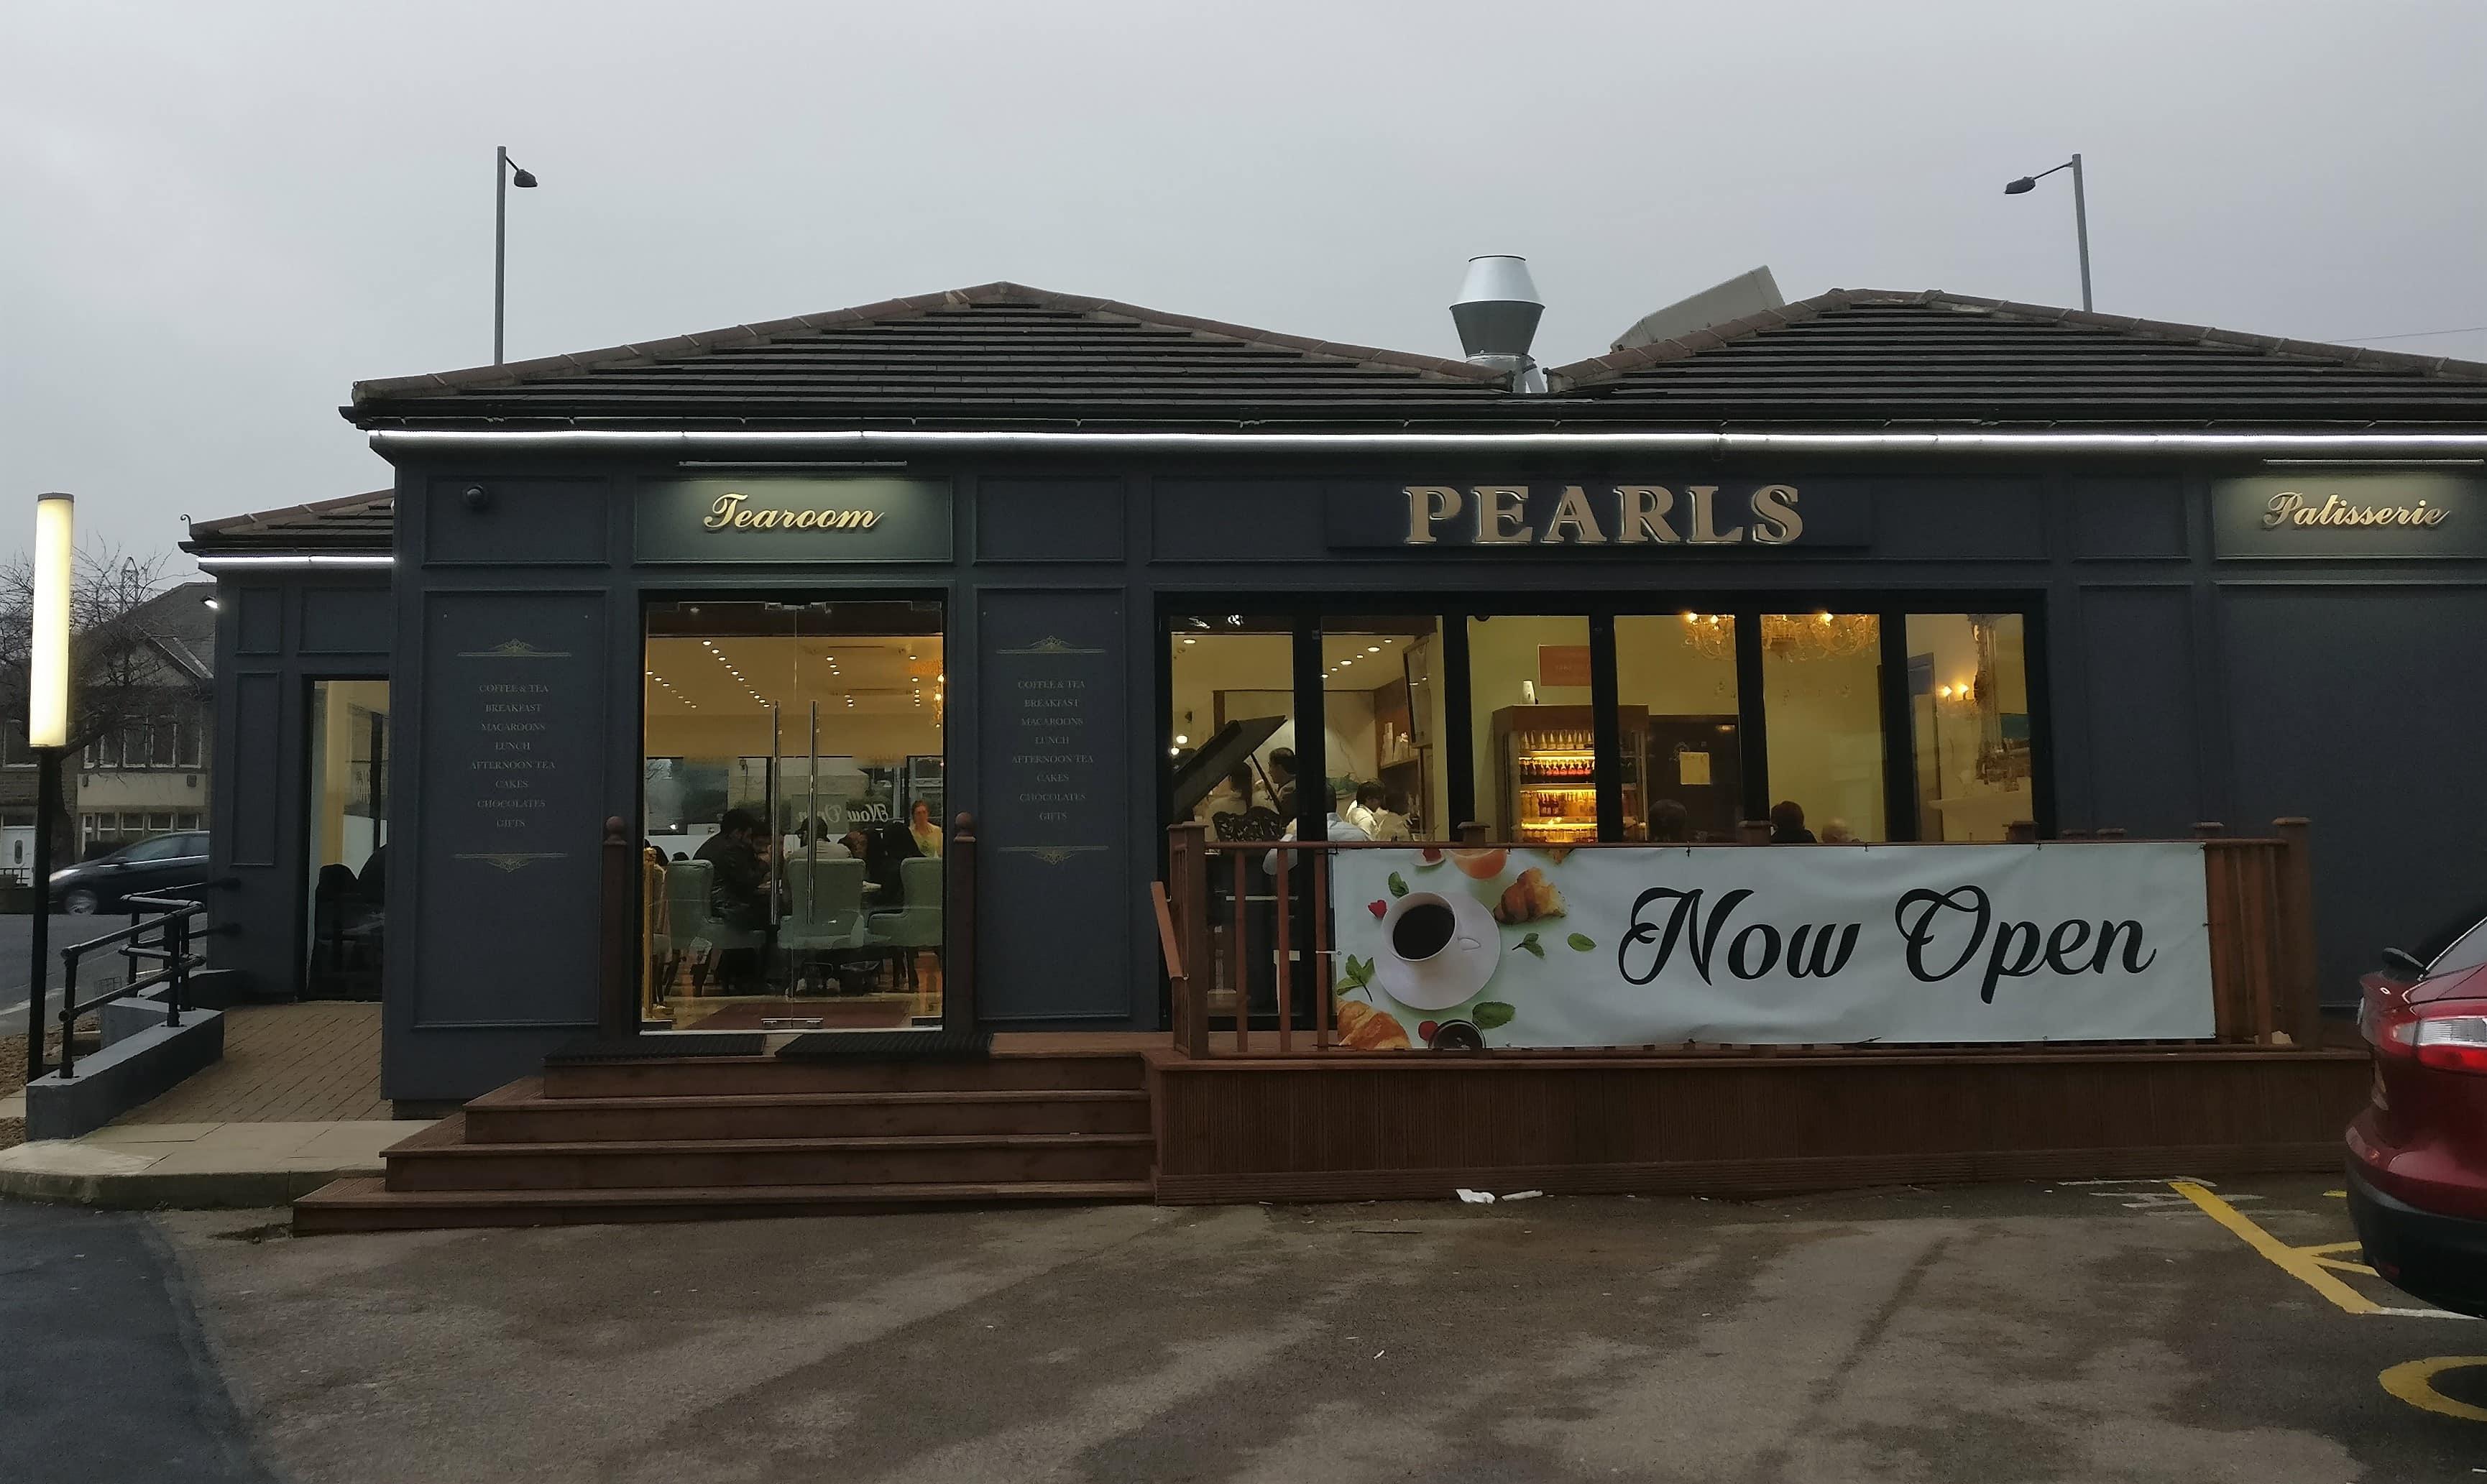 Pearls TeaRoom Bradford Outside